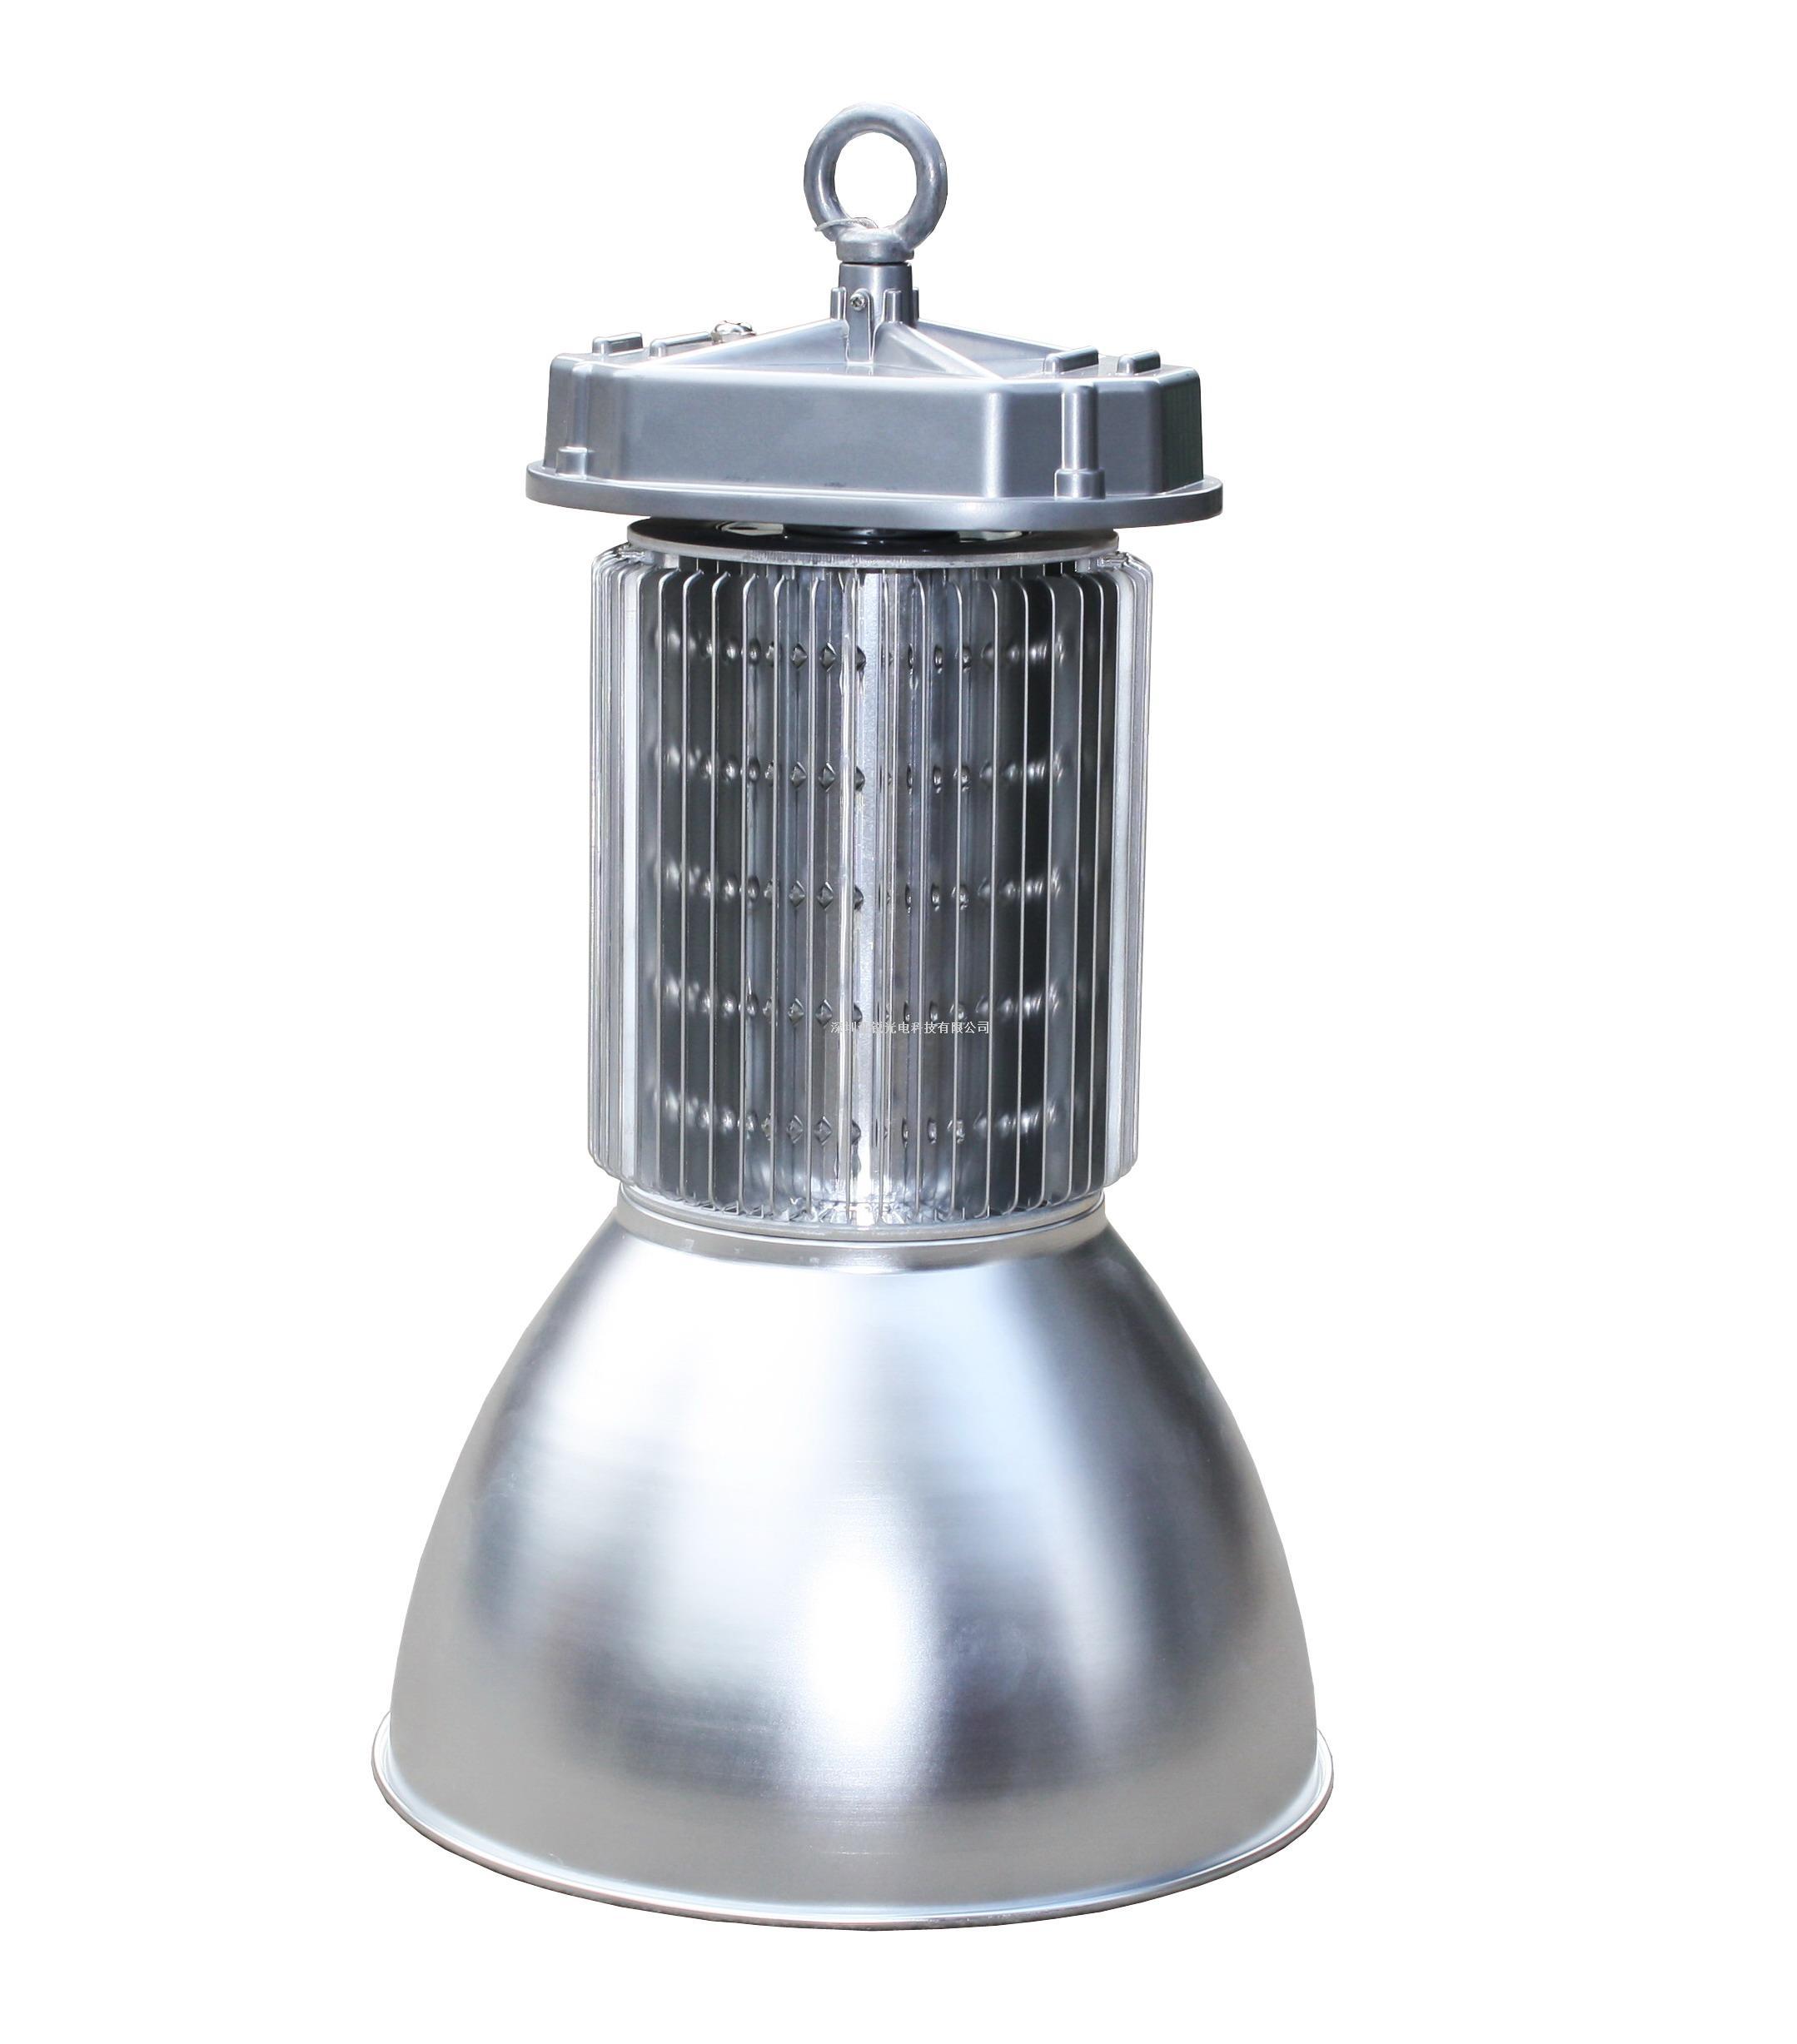 亚锐光电 超高亮150W LED工矿灯 LUX-HB-150